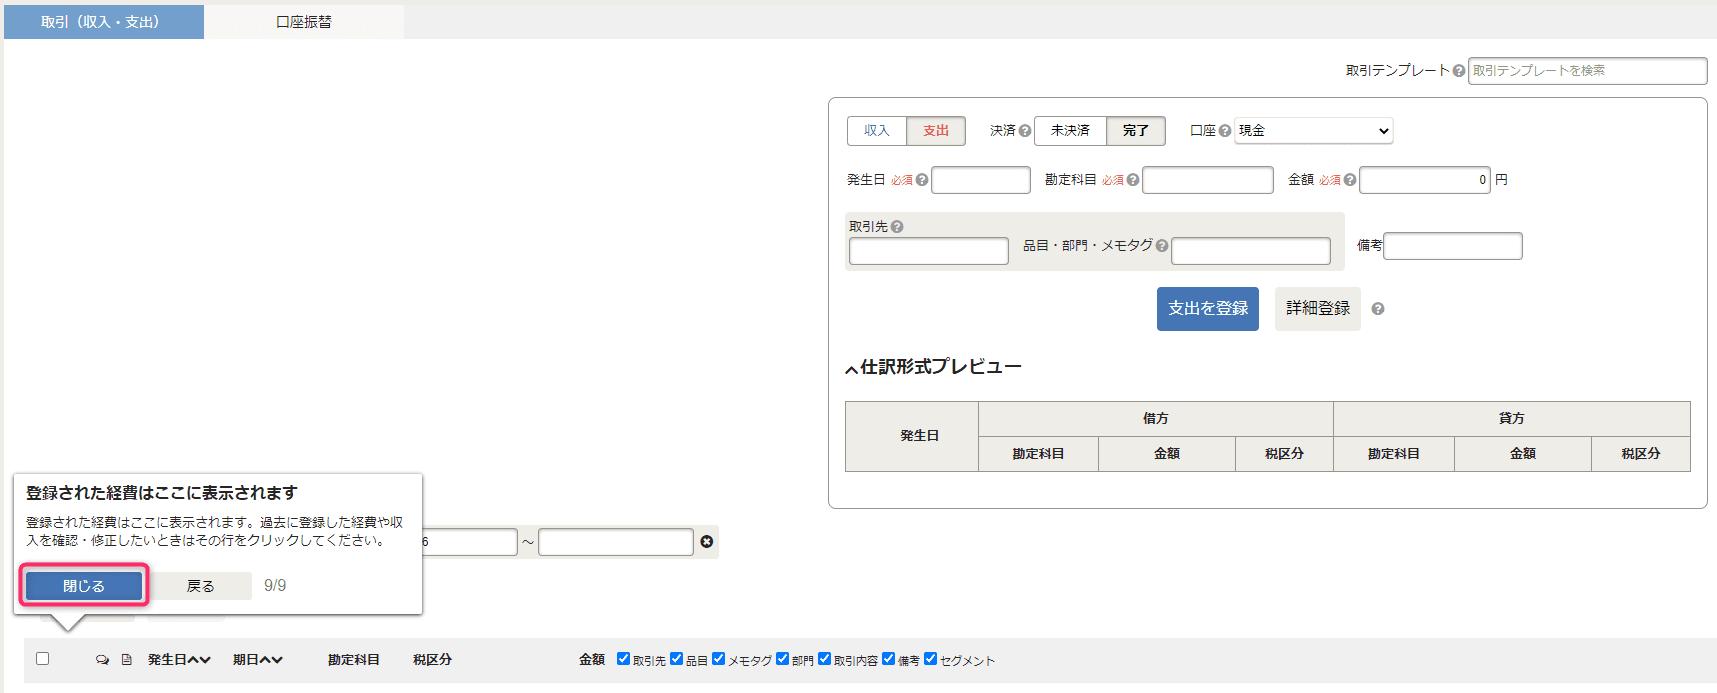 freeeの始め方_登録された経費はここに表示される